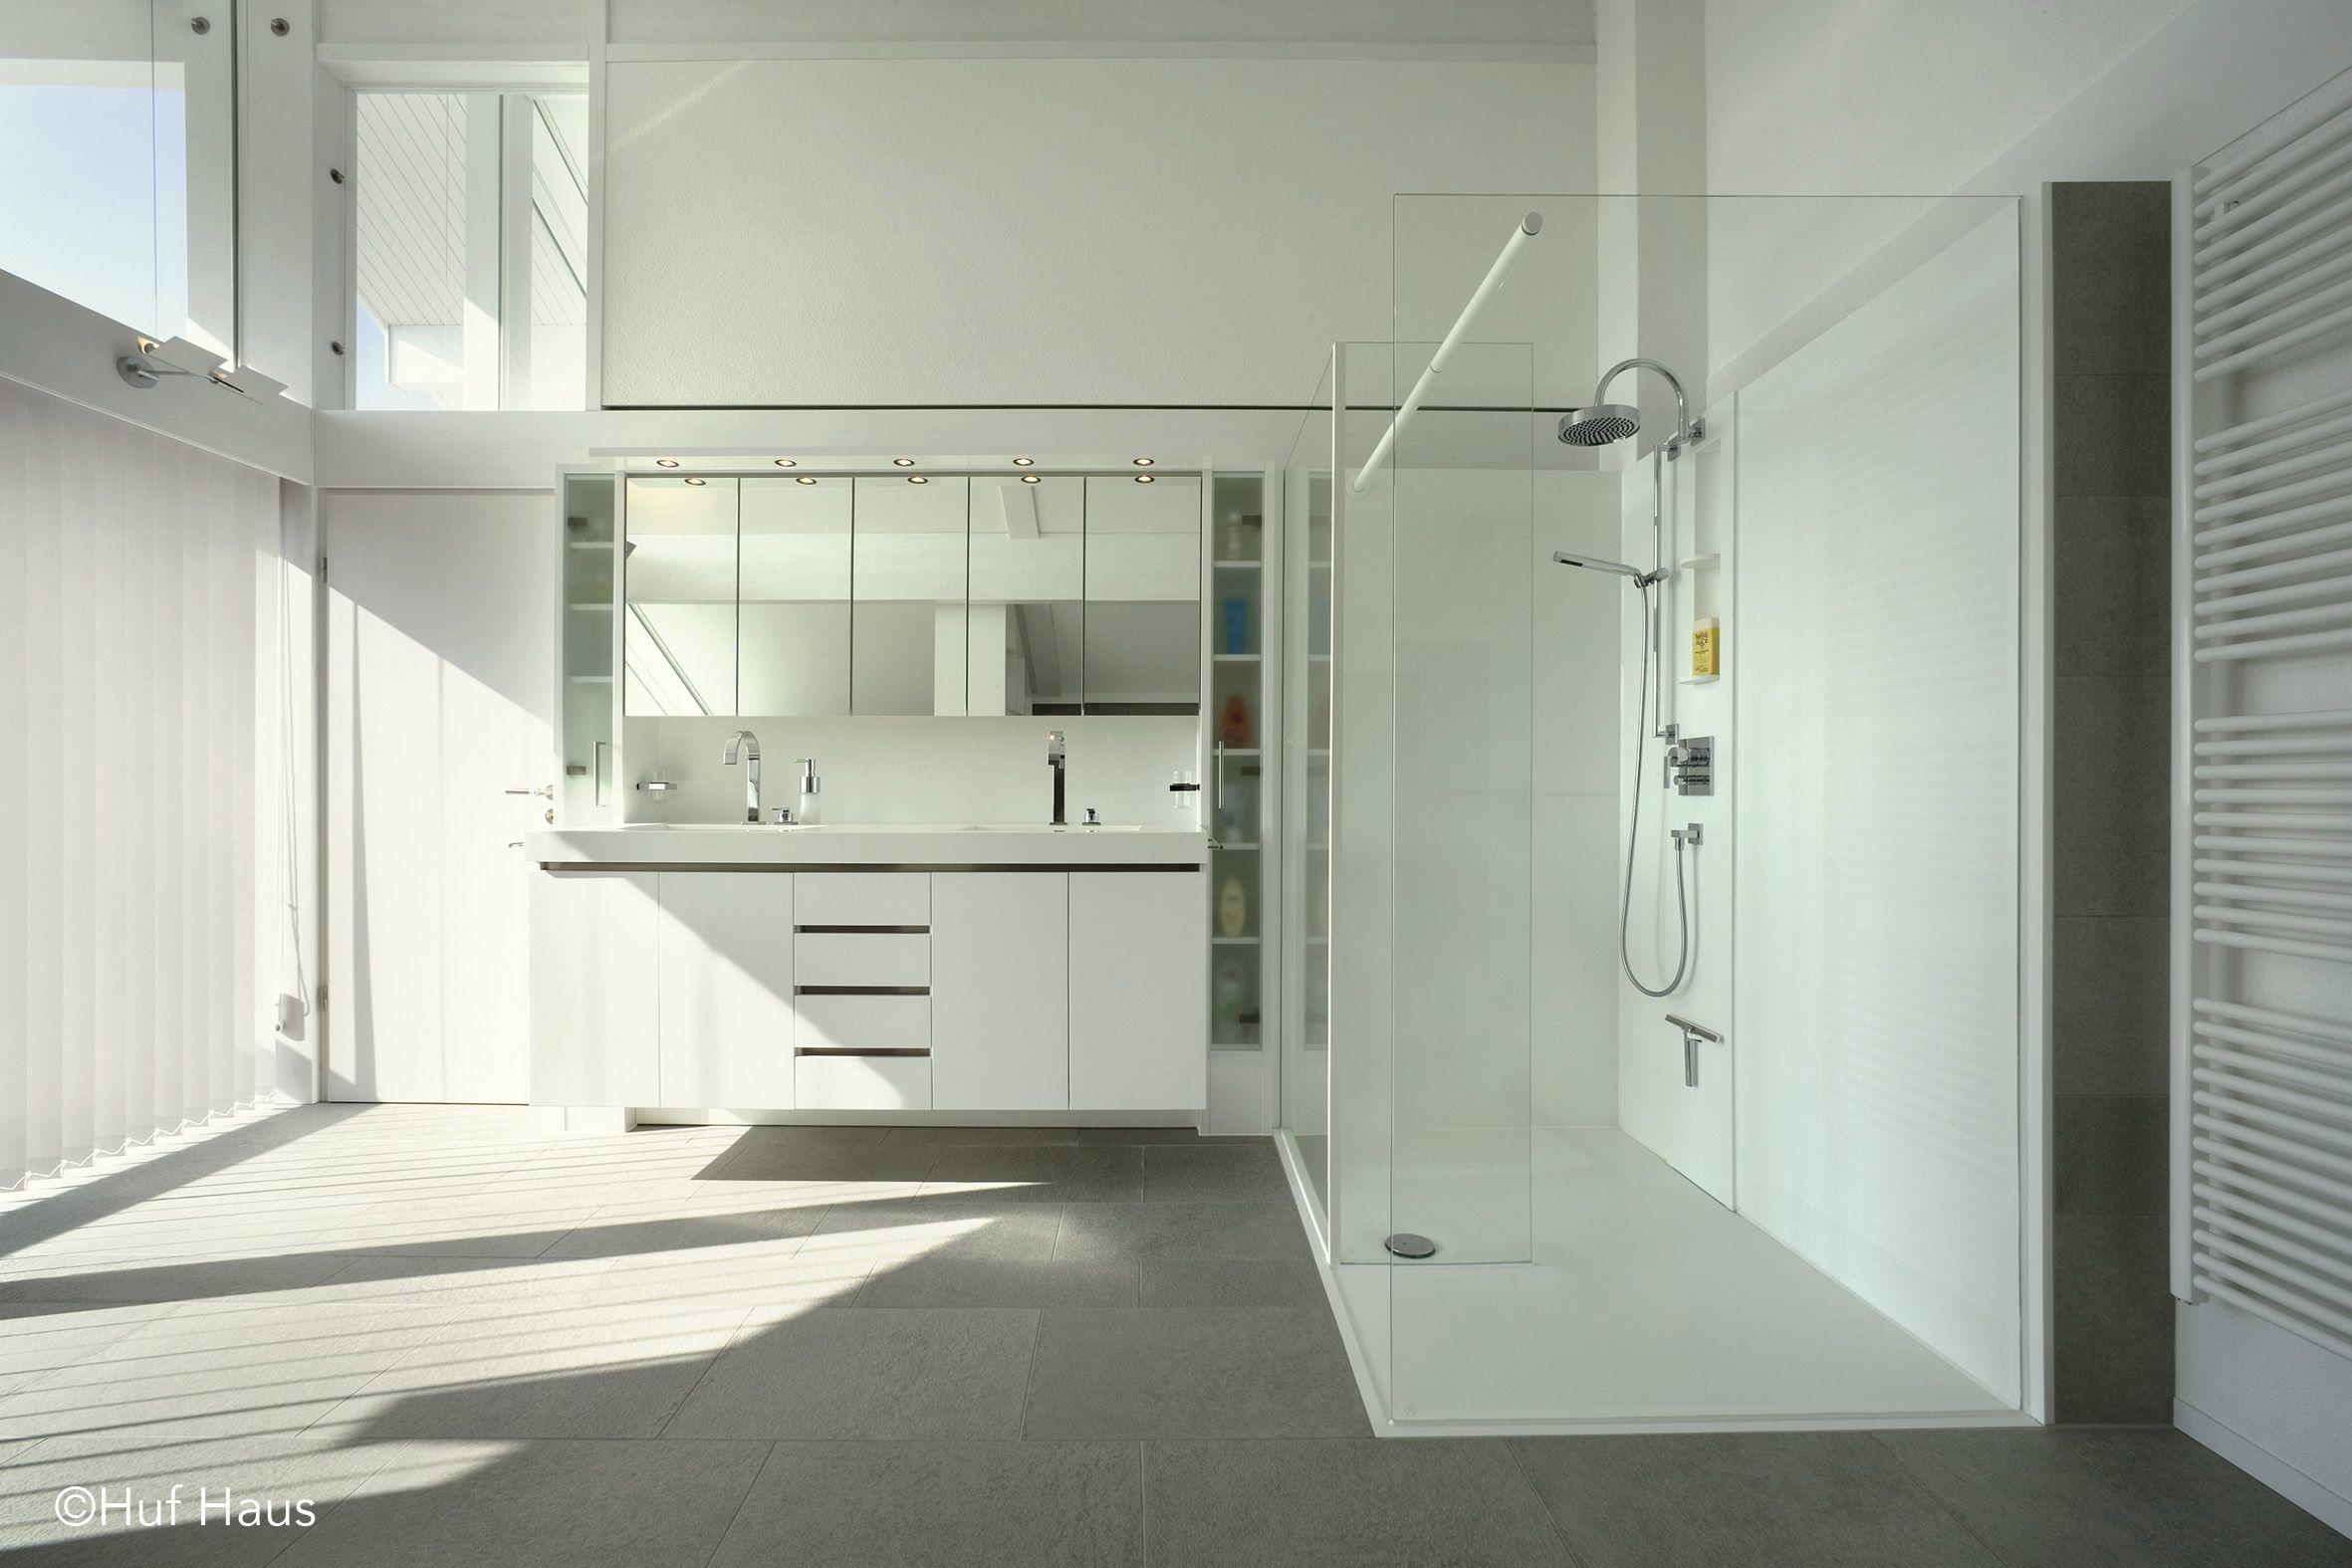 ©Huf Haus | Ein Design   Eine Linie Badezimmer Aus Mineralwerkstoff Projekt  Mit StilART U0026